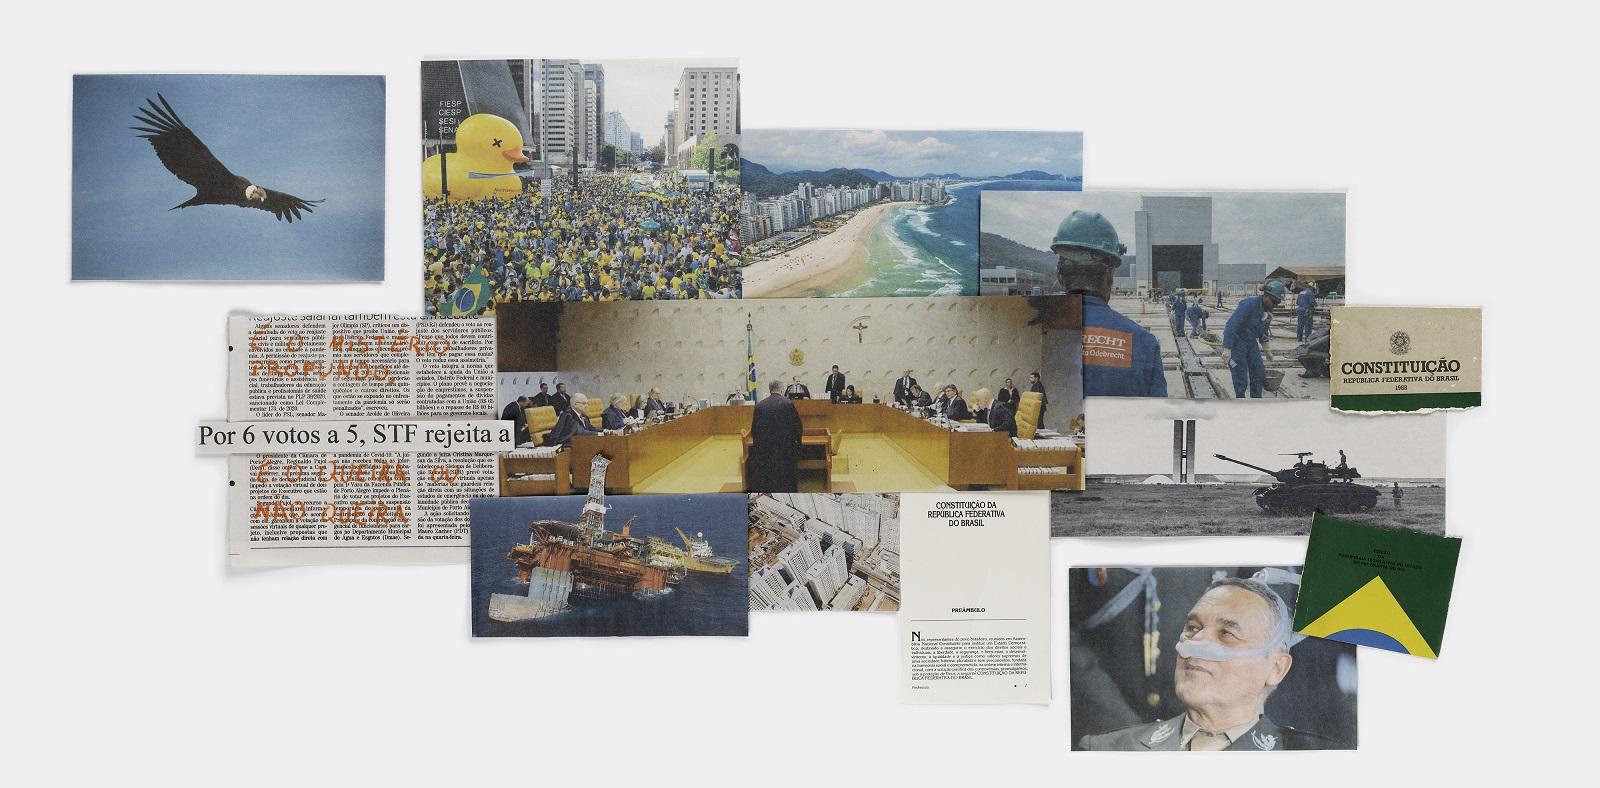 """Gustavo Balbela: Curitiba, PR, Brasil, 2021 (A címek fordítása balról jobbra haladva a következőket mondja: """"6 szavazattal 5 ellenében, a Legfelsőbb Bíróság elutasítja az Alkotmányt"""")   (The translation of the headlines from left to right says © Gustavo Balbela"""